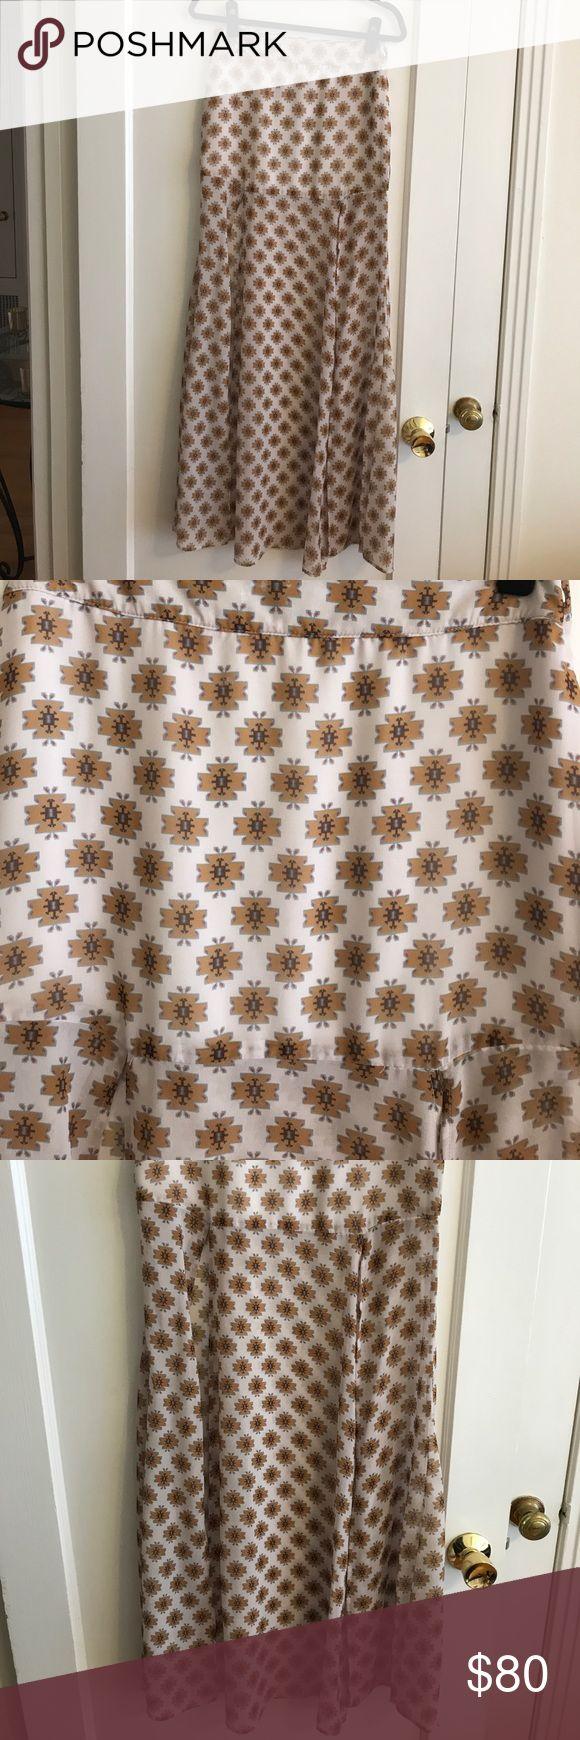 For Love & Lemons Tribal Print Skirt Tribal print original skirt from For Love & Lemons with two front slits on the Maxi For Love and Lemons Skirts Maxi